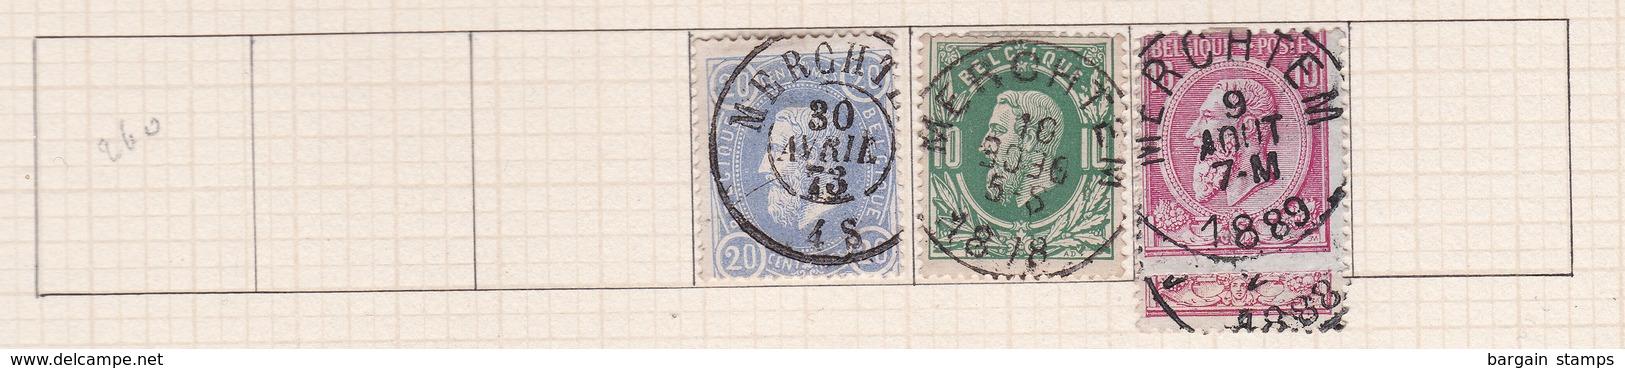 Belgique COB 31 30 46(x2) Oblitérés Merchtem - Non Classés